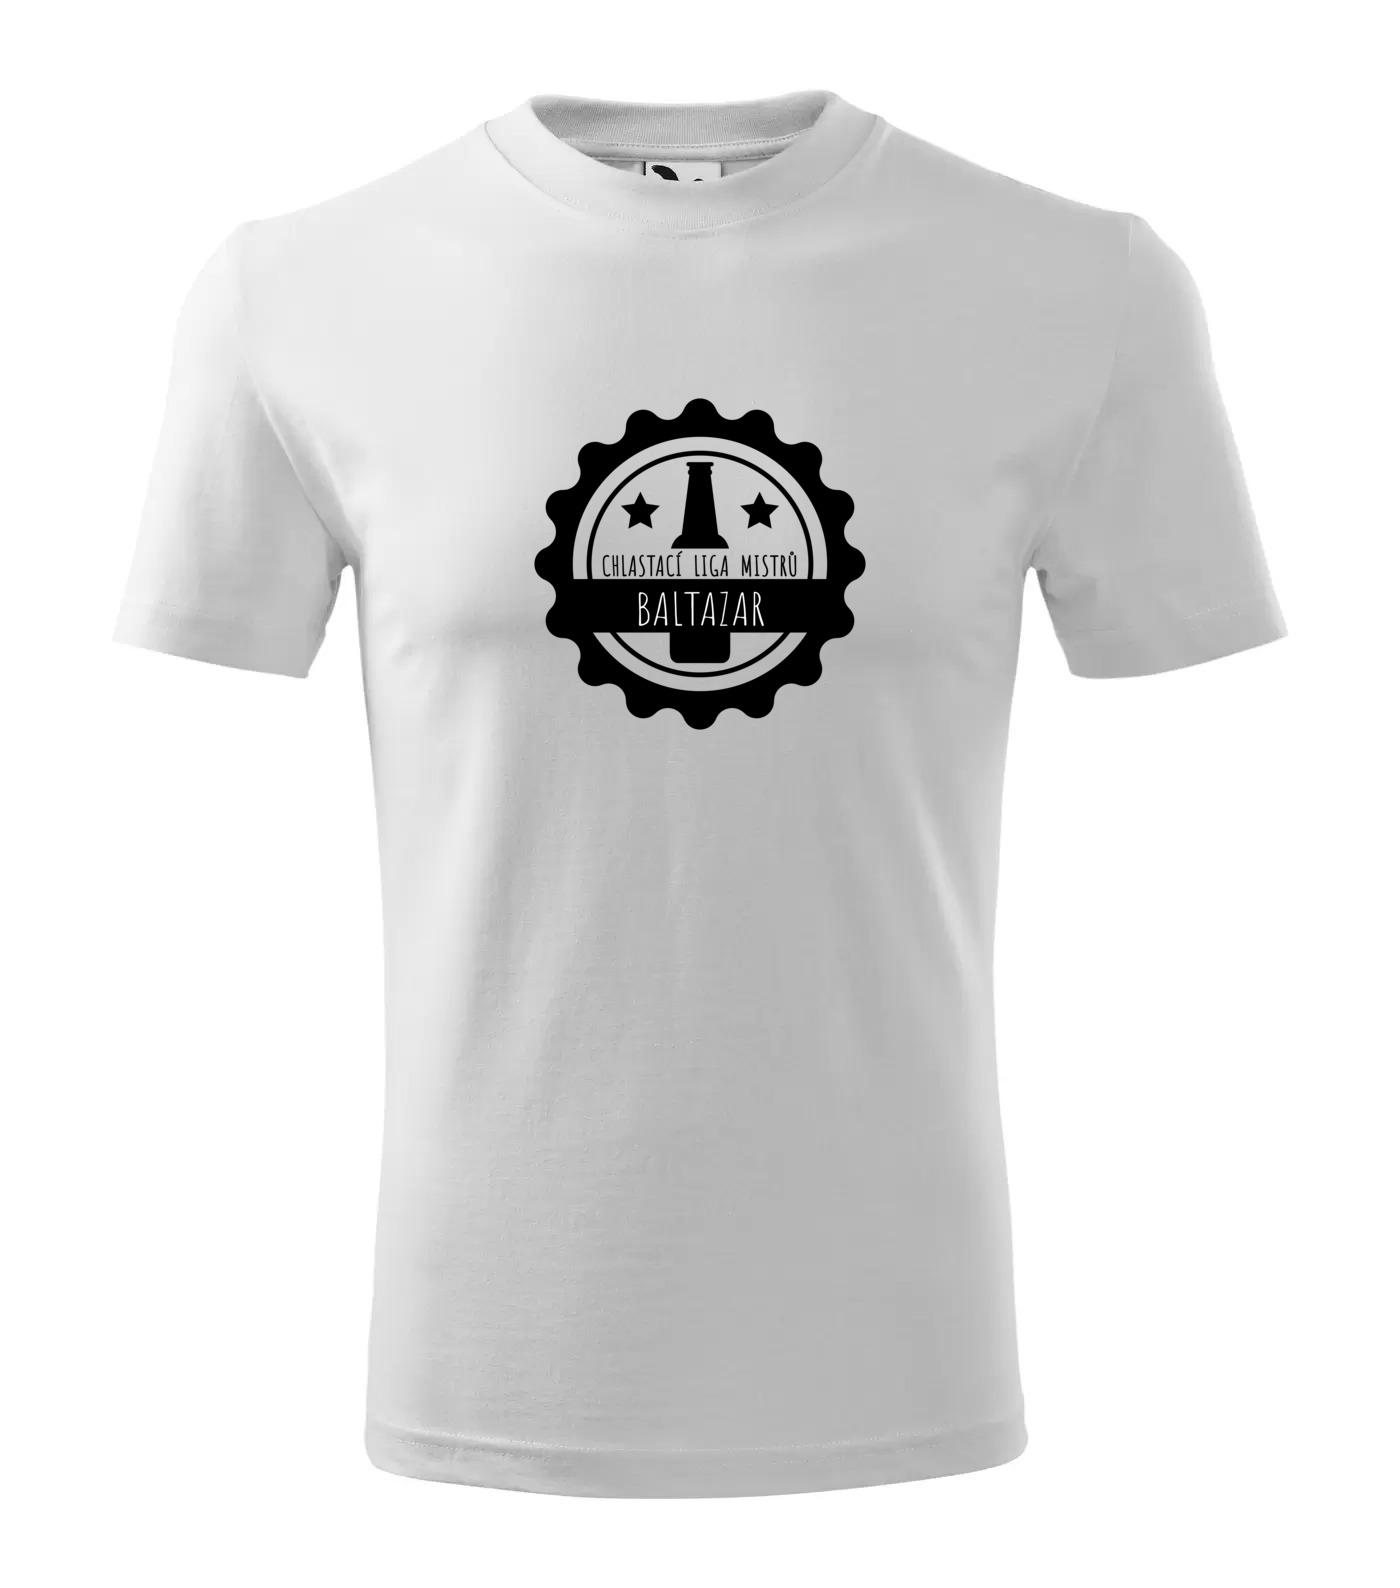 Tričko Chlastací liga mužů Baltazar